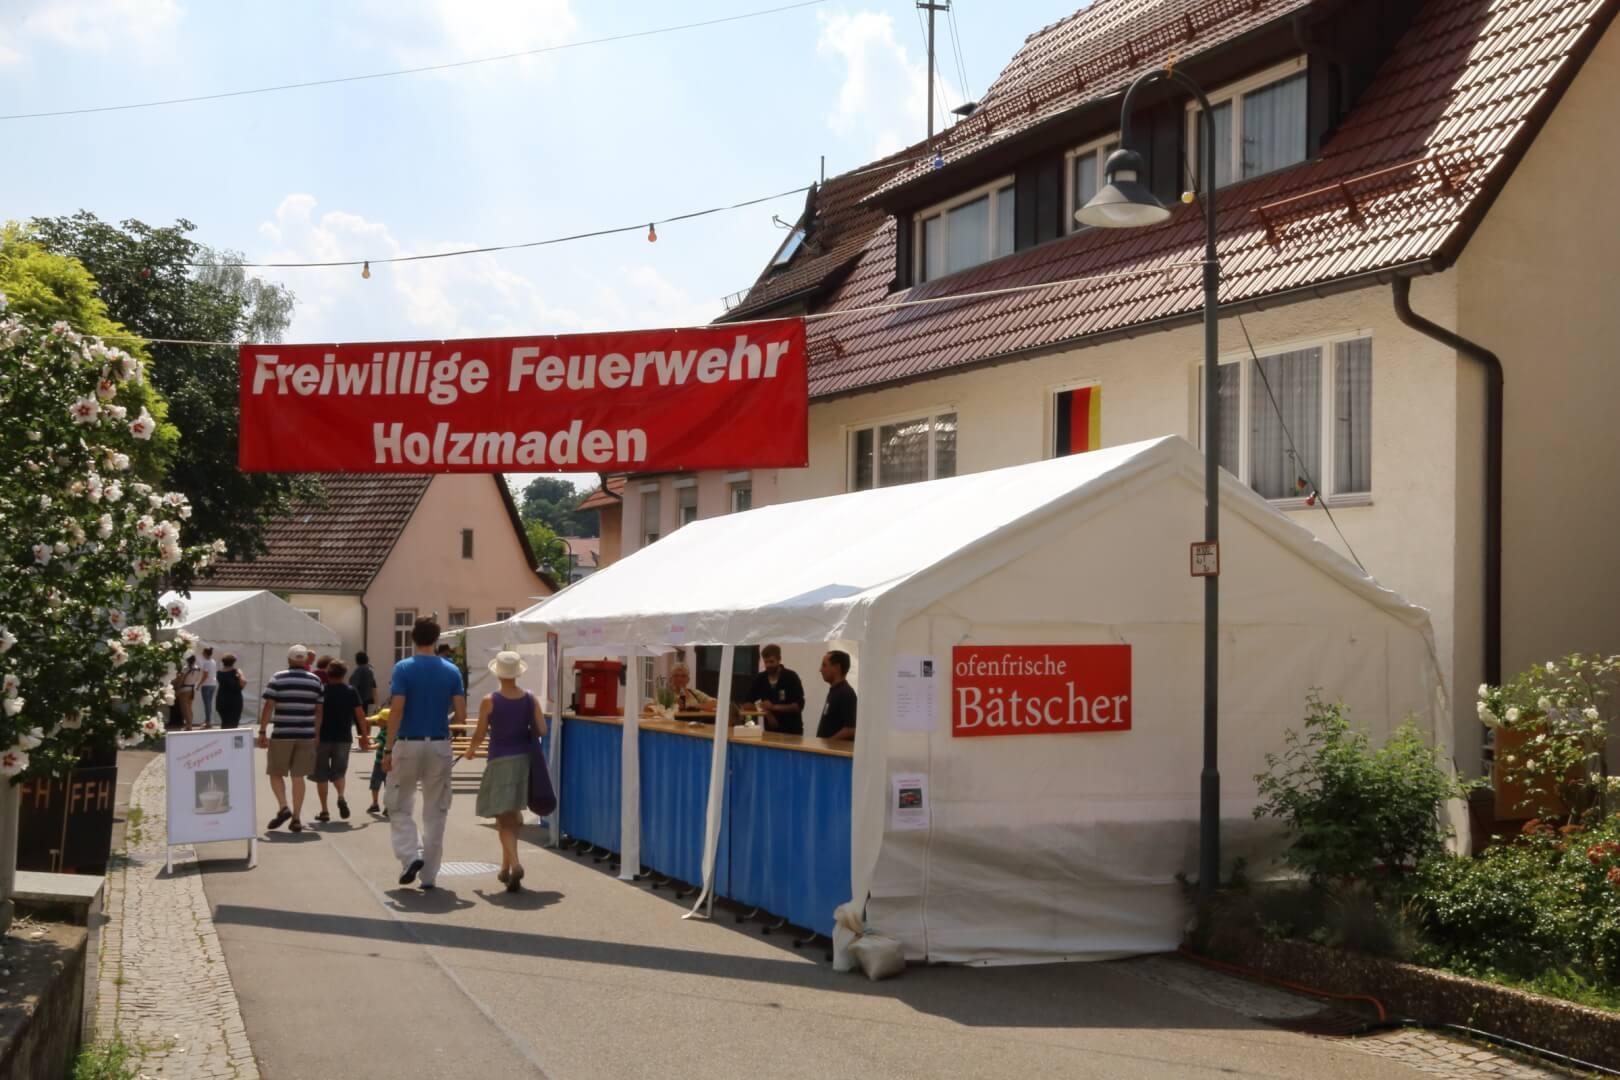 20180708-Bätscherfest (1)